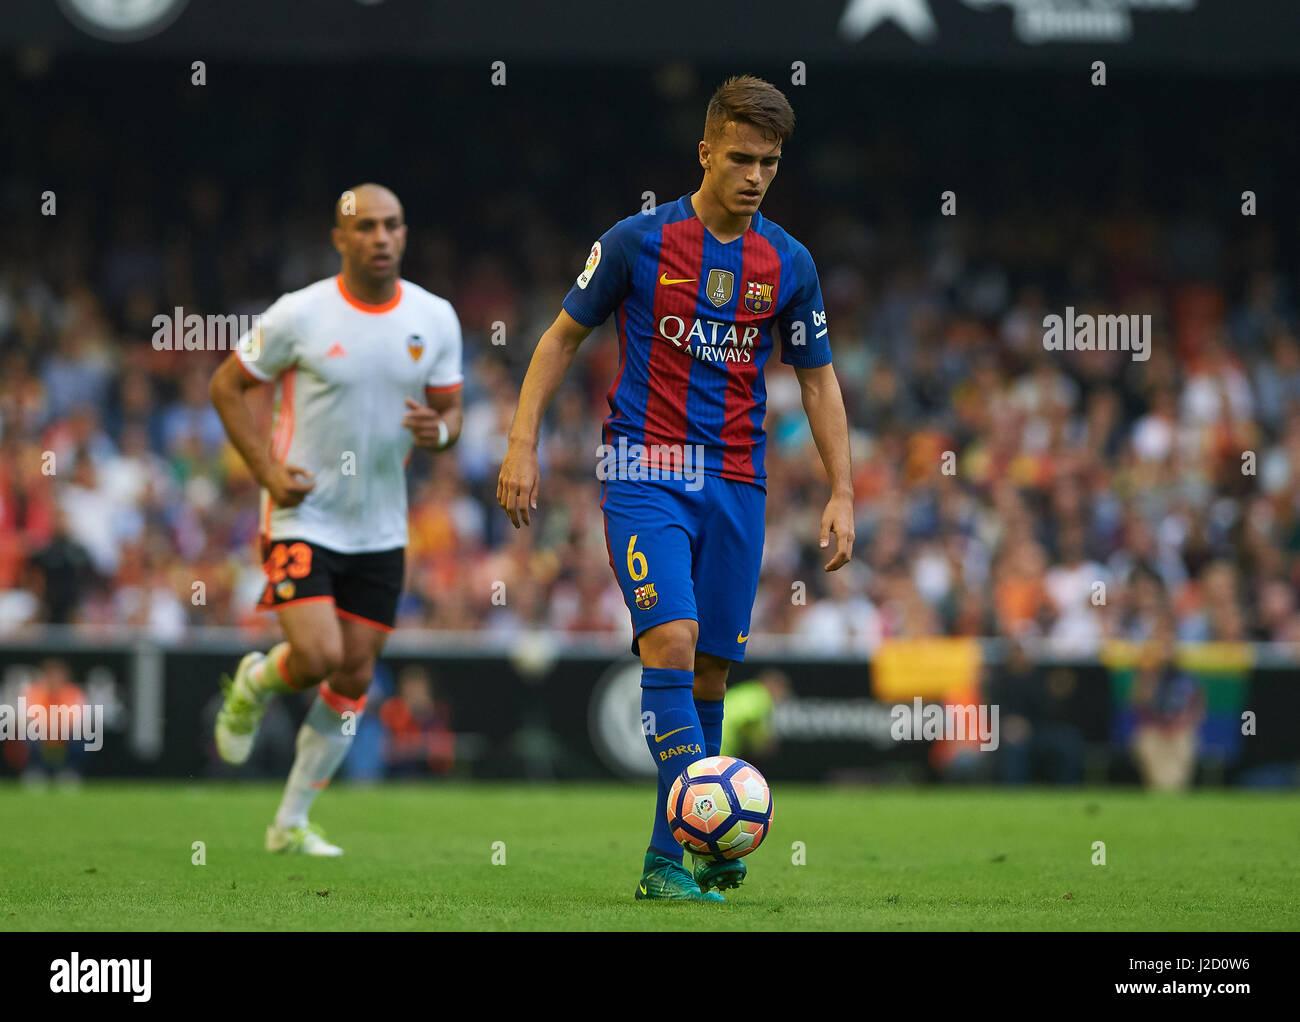 Denis Suarez of FC Barcelona during the La Liga match at Mestalla, Valencia Picture by Maria Jose Segovia/Focus - Stock Image